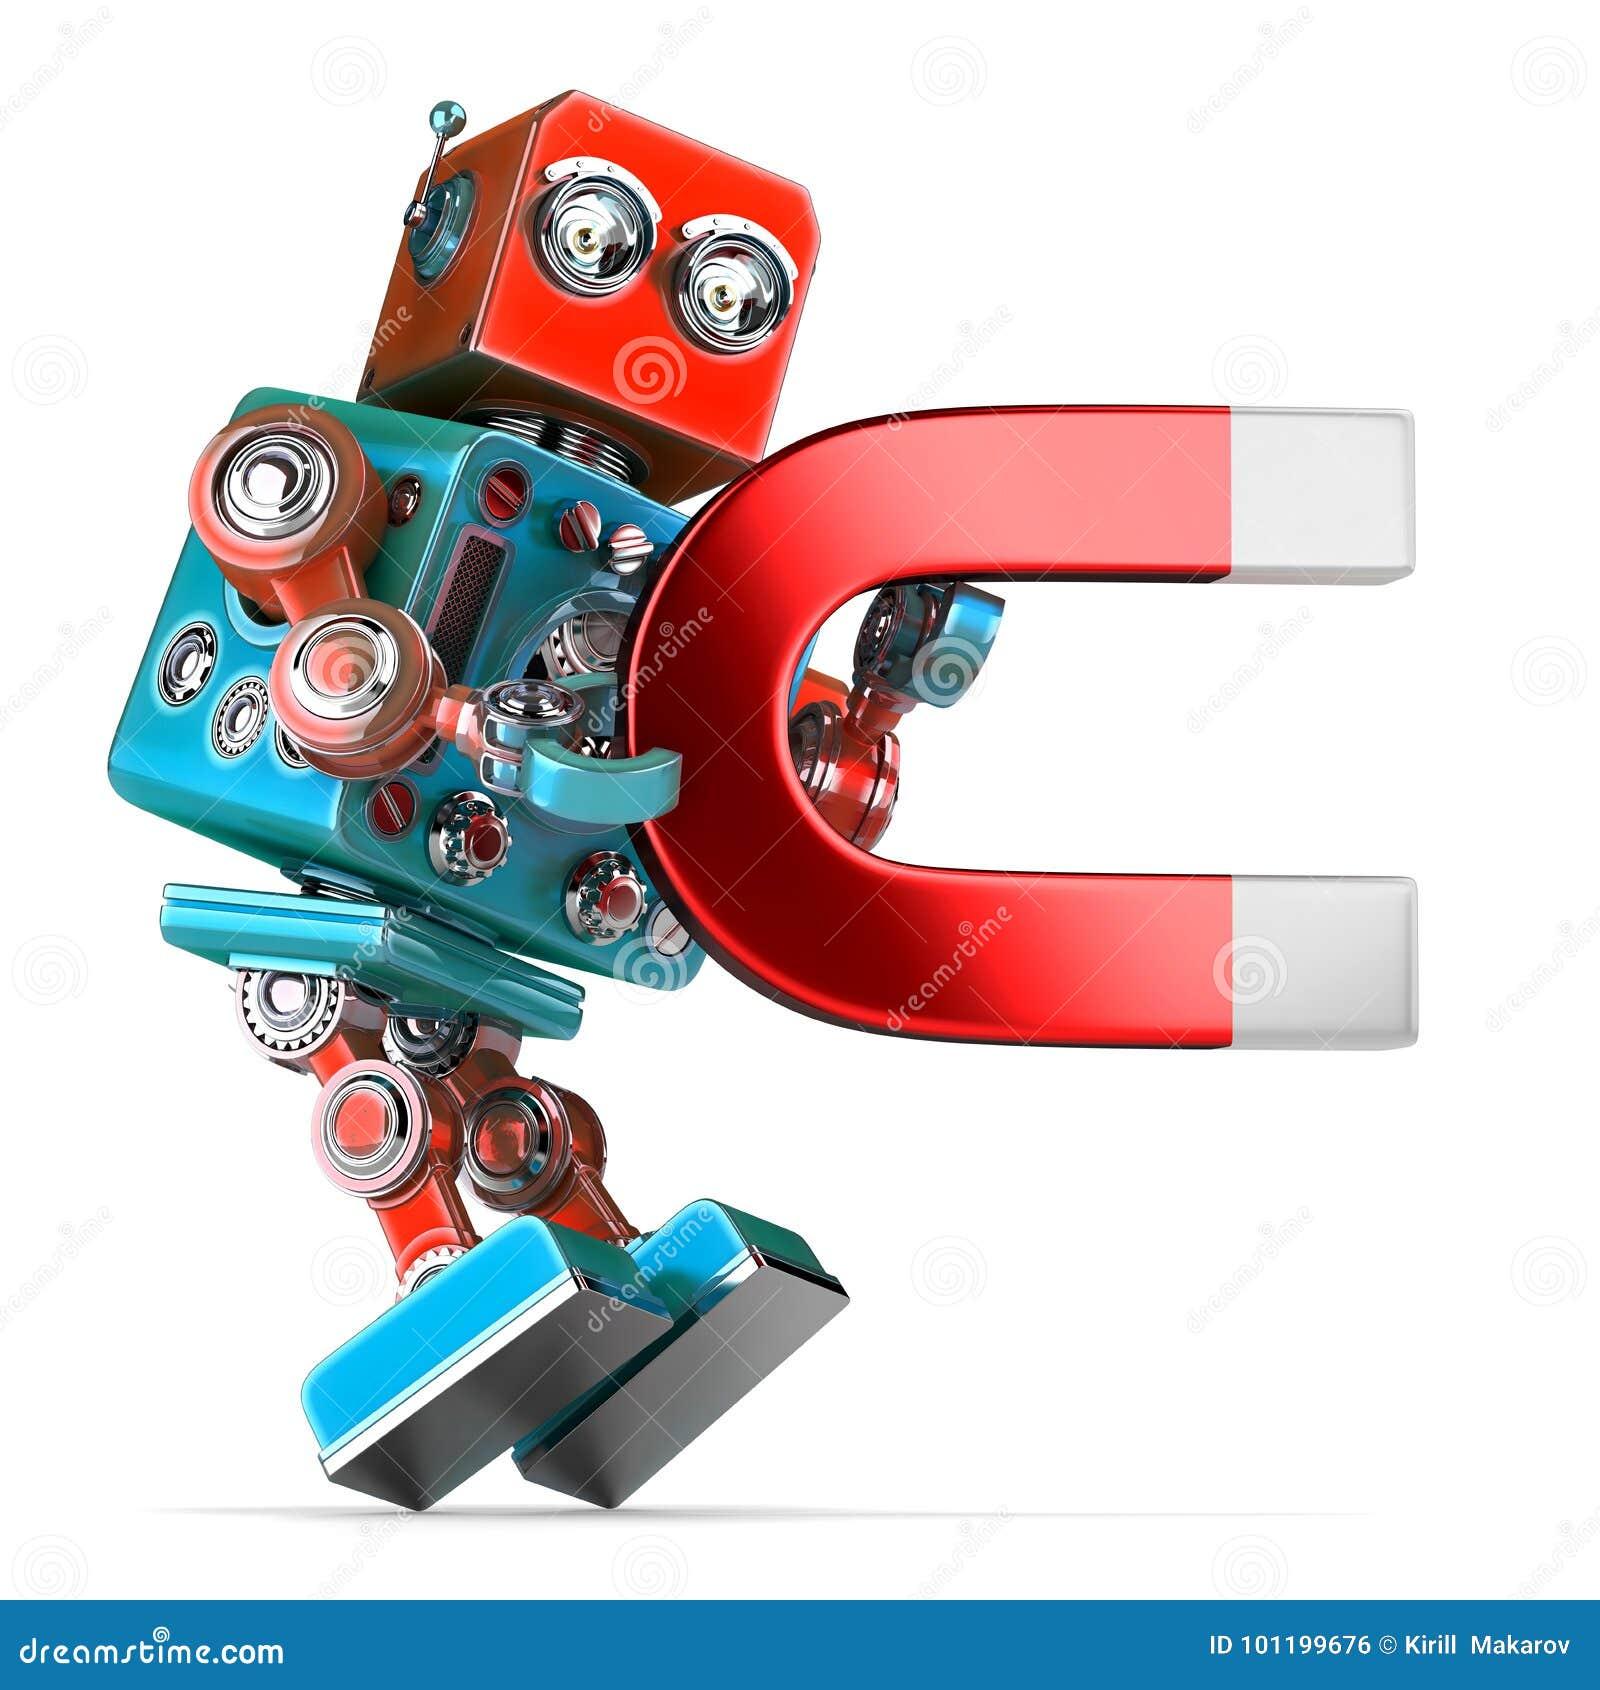 Ретро робот держа большой магнит иллюстрация 3d изолировано жулик